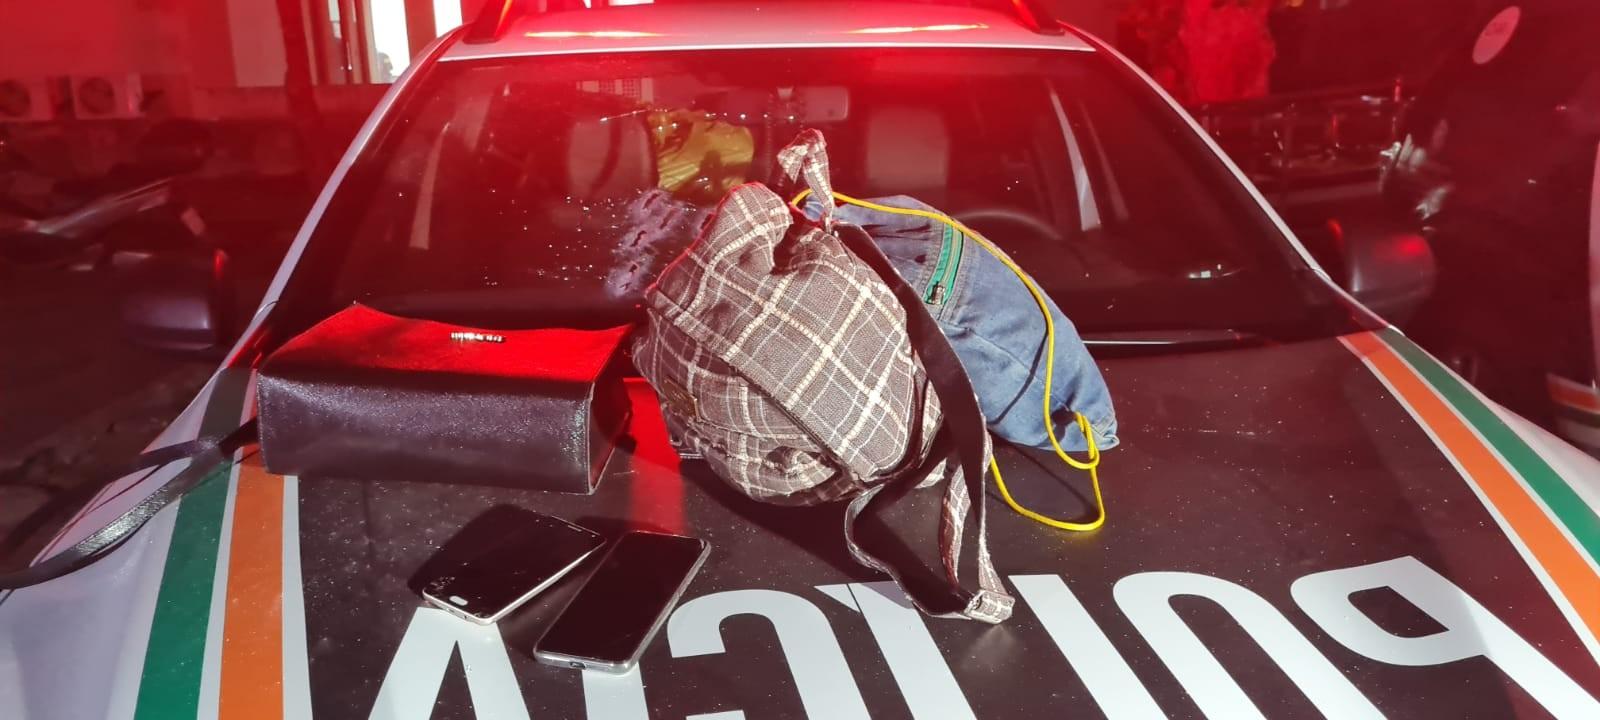 Criminoso em fuga aborda mulher, solicita corrida por app no celular dela e é capturado no fim do trajeto, em Fortaleza